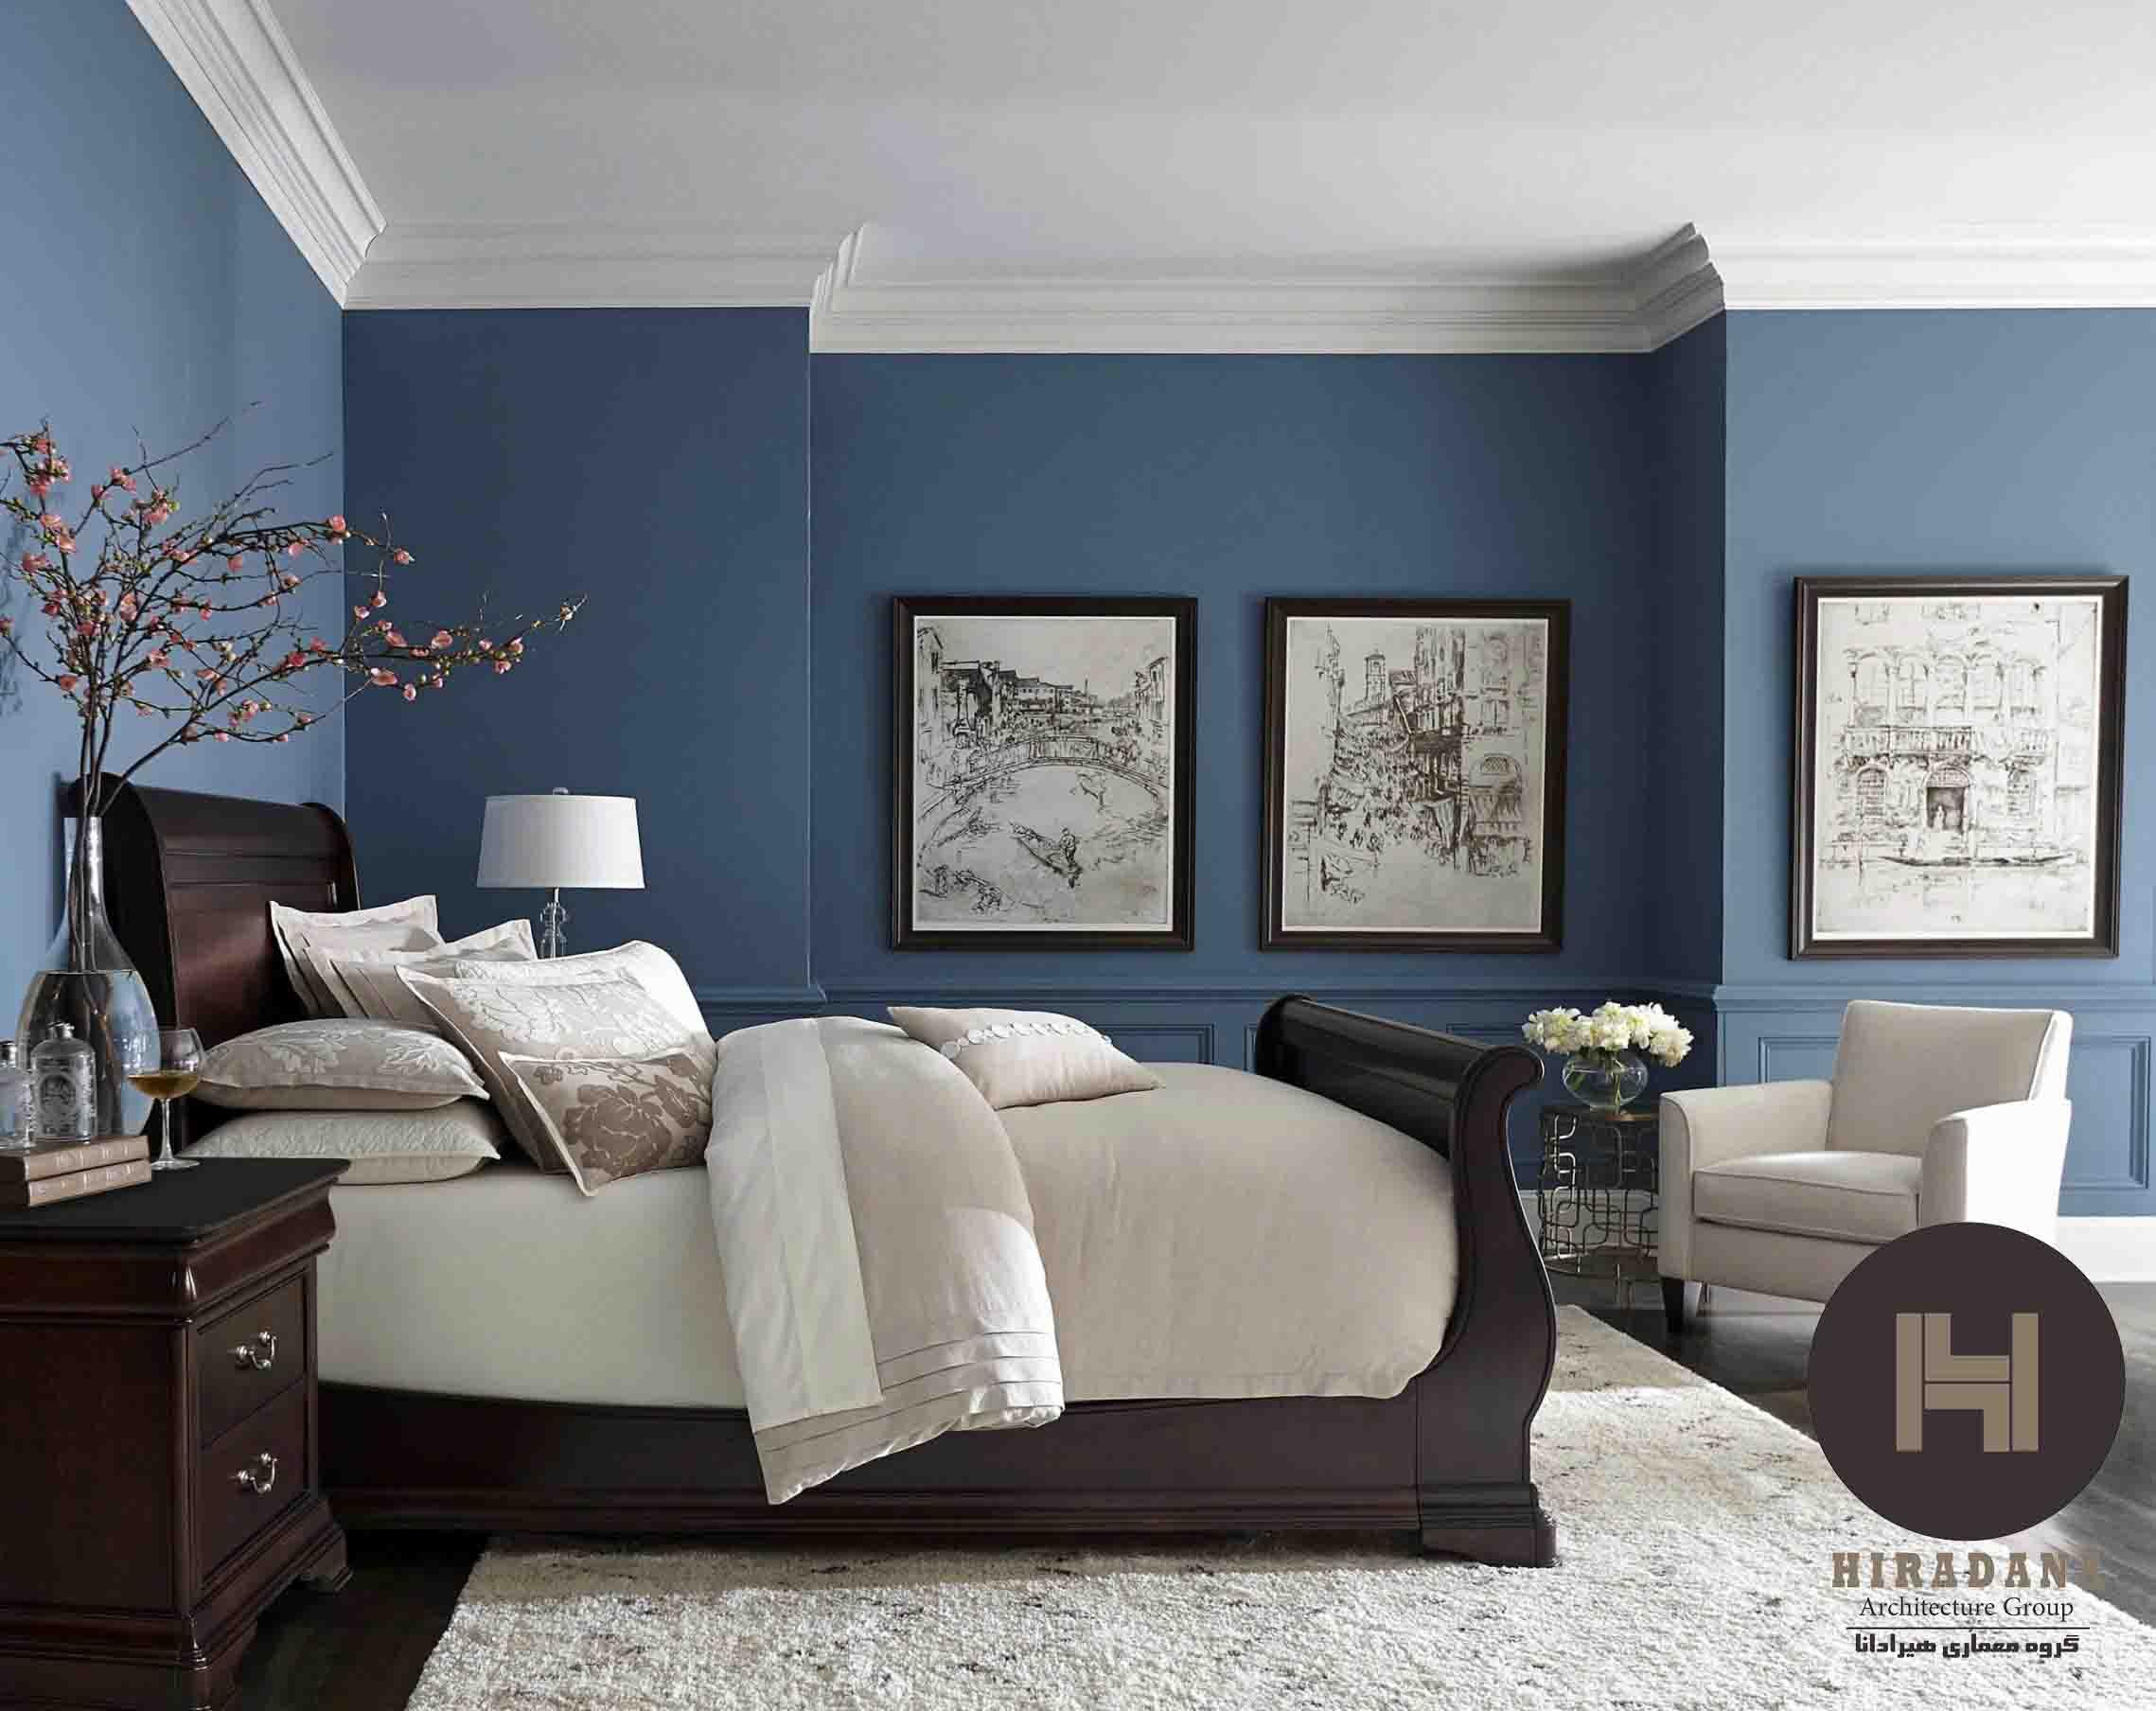 نکات مهم طراحی داخلی اتاق خواب